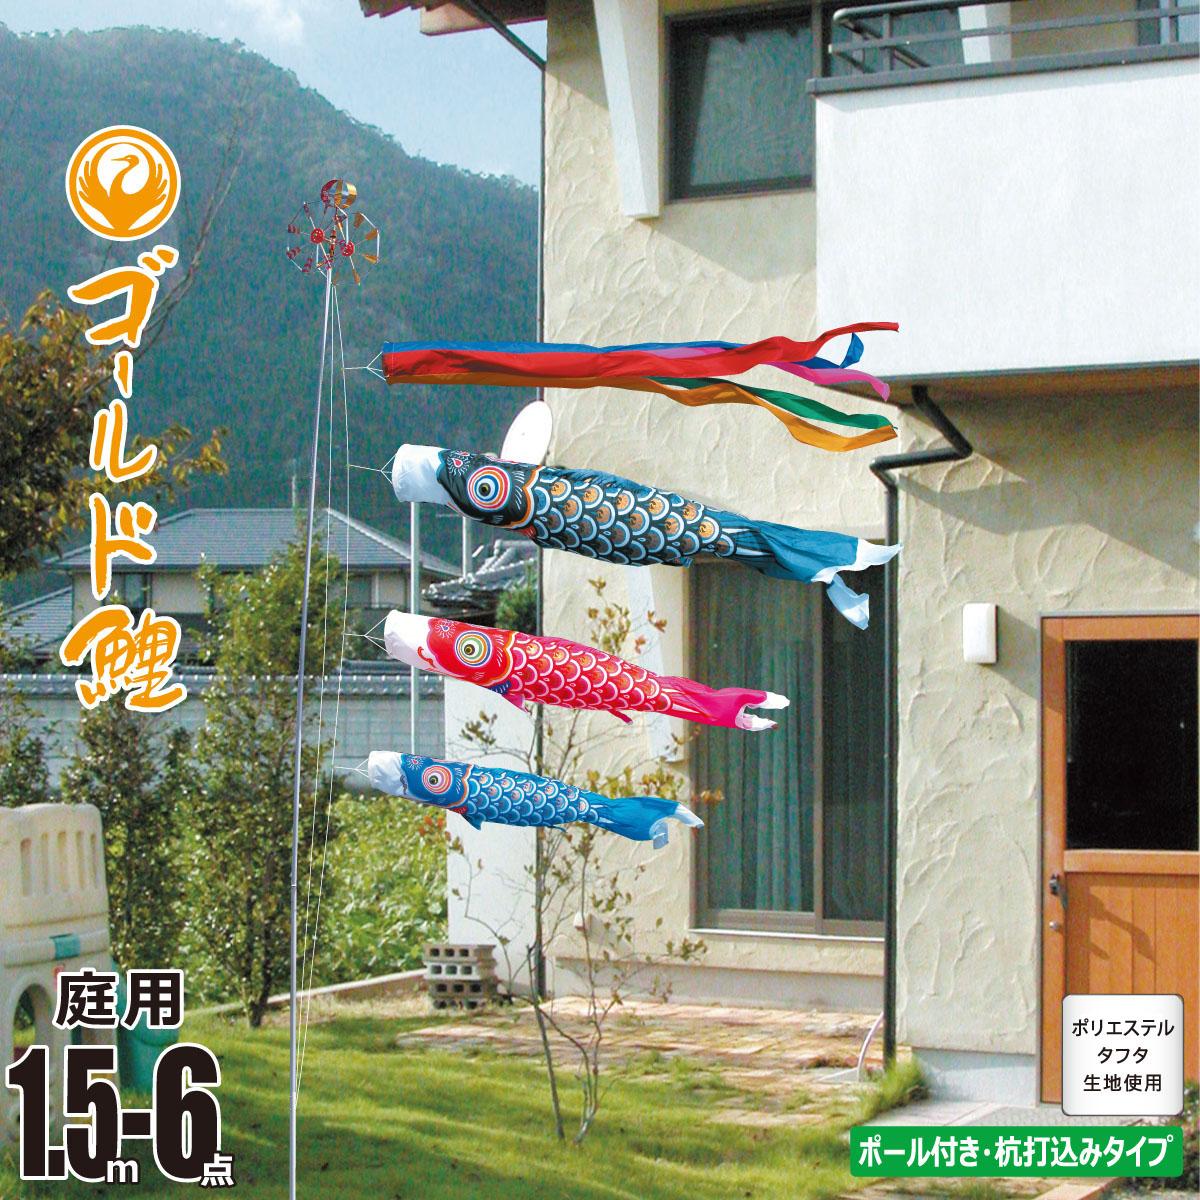 こいのぼり 1.5m ゴールド鯉 6点 (矢車、ロープ、吹流し、鯉3匹) 庭園用 ガーデンセット (専用ポール一式) 徳永鯉のぼり KIT-118-801